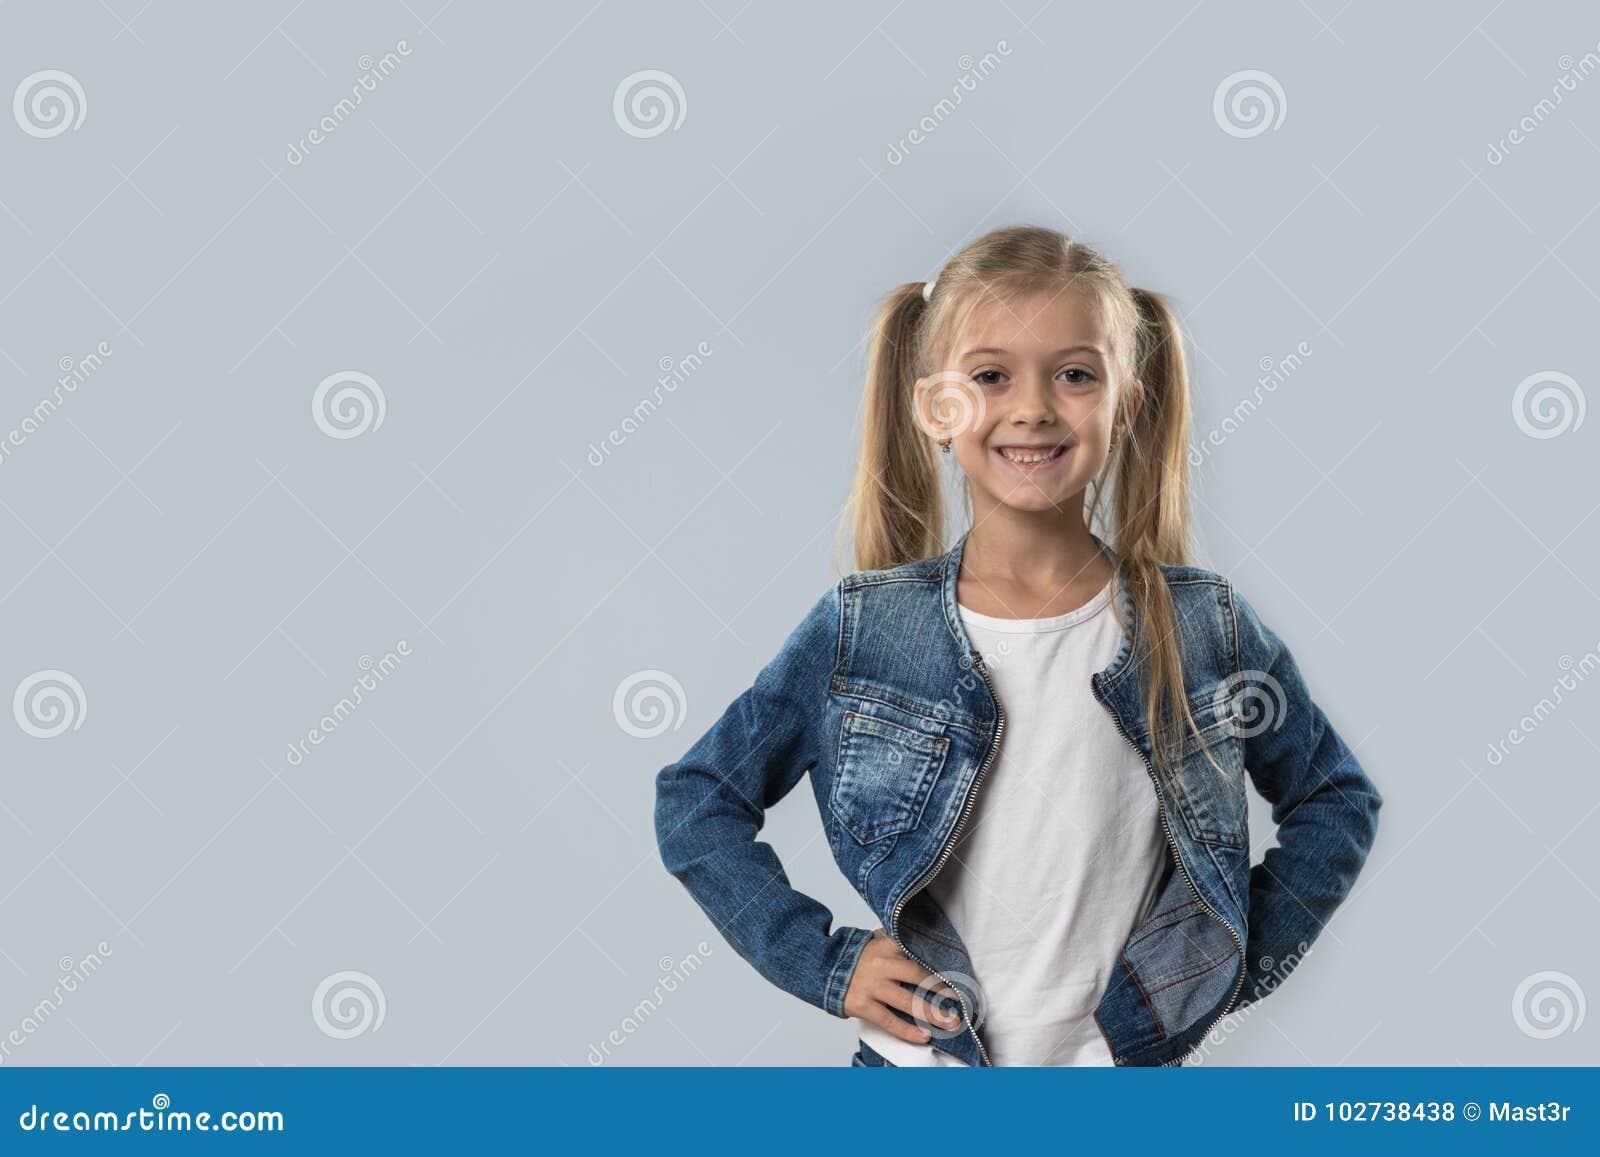 Revestimento de sorriso feliz das calças de brim do desgaste da menina bonita isolado